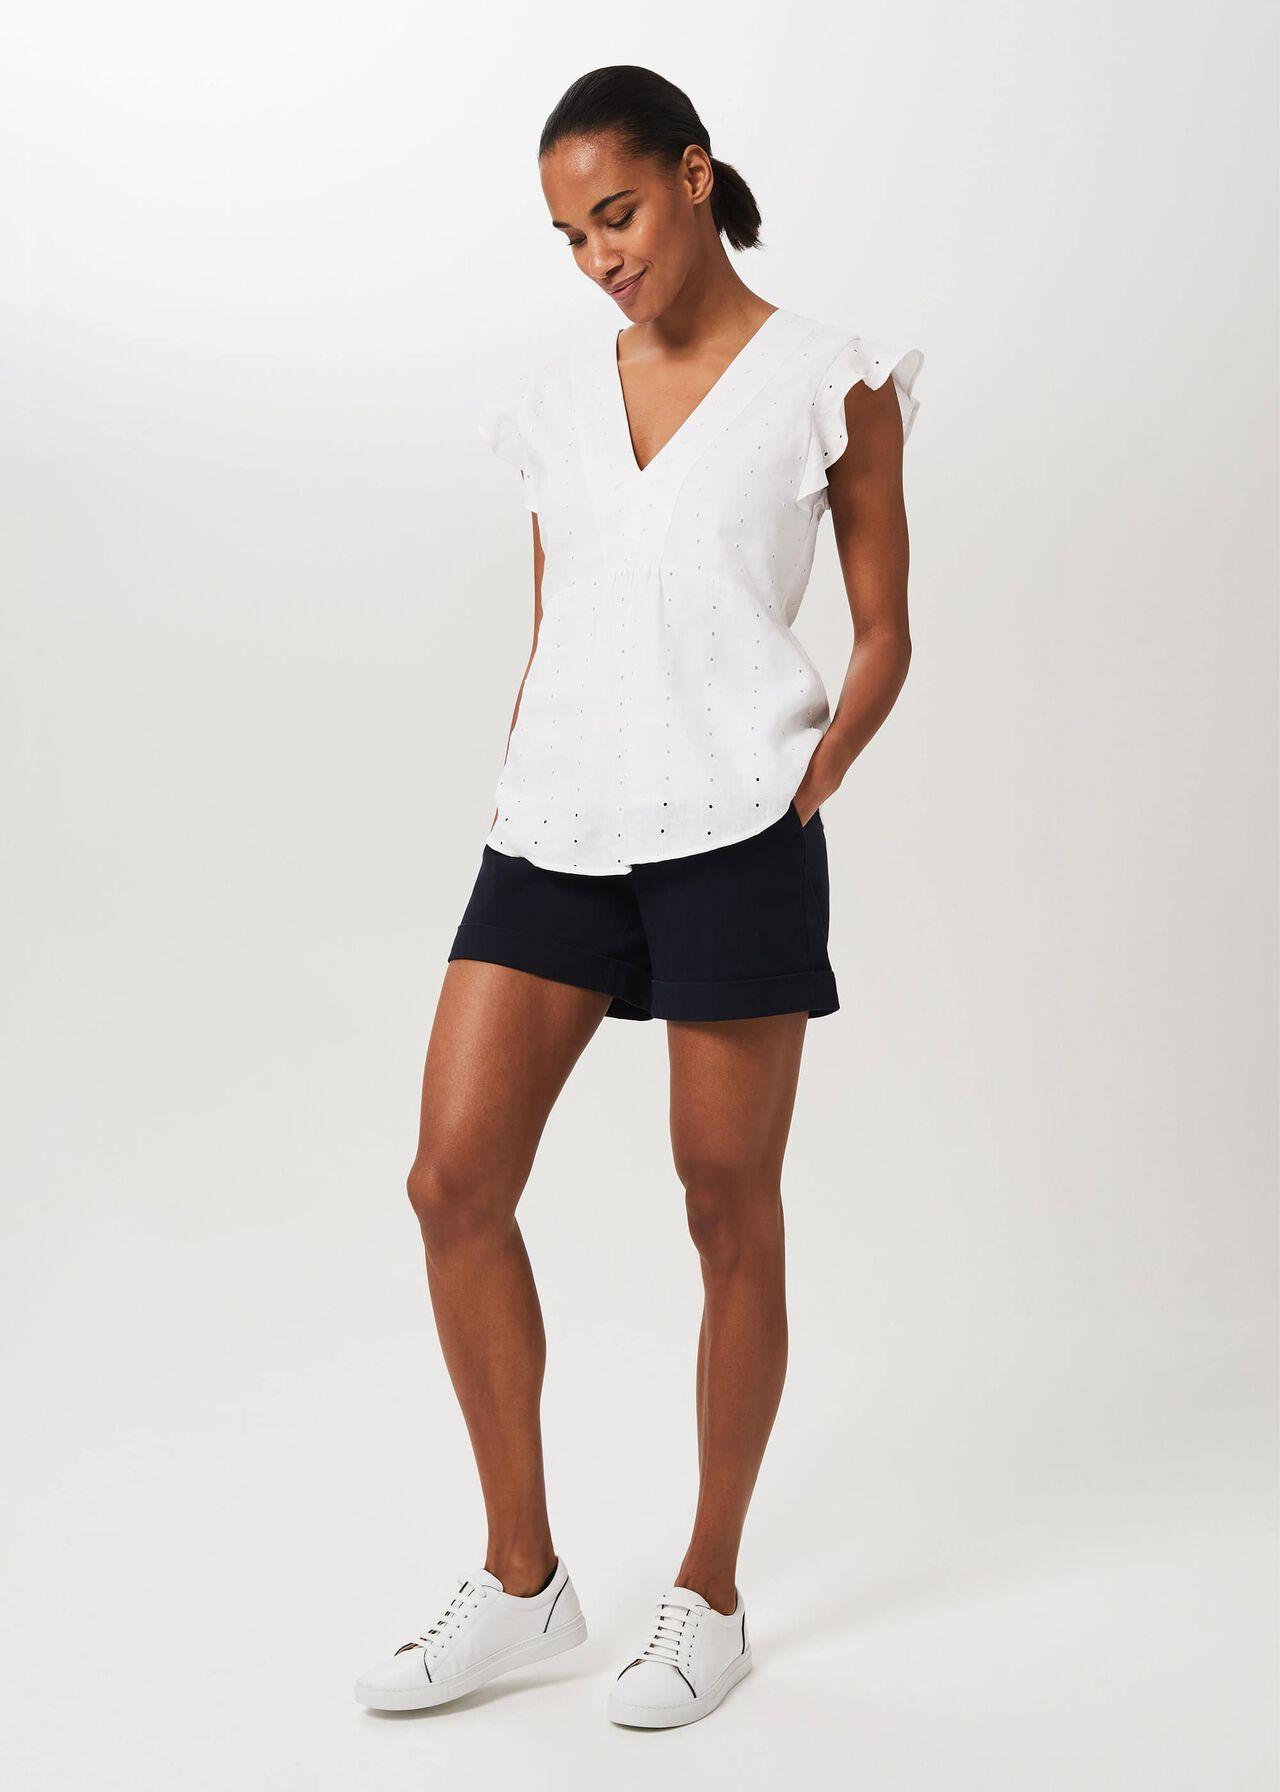 Chessie Shorts, Navy, hi-res